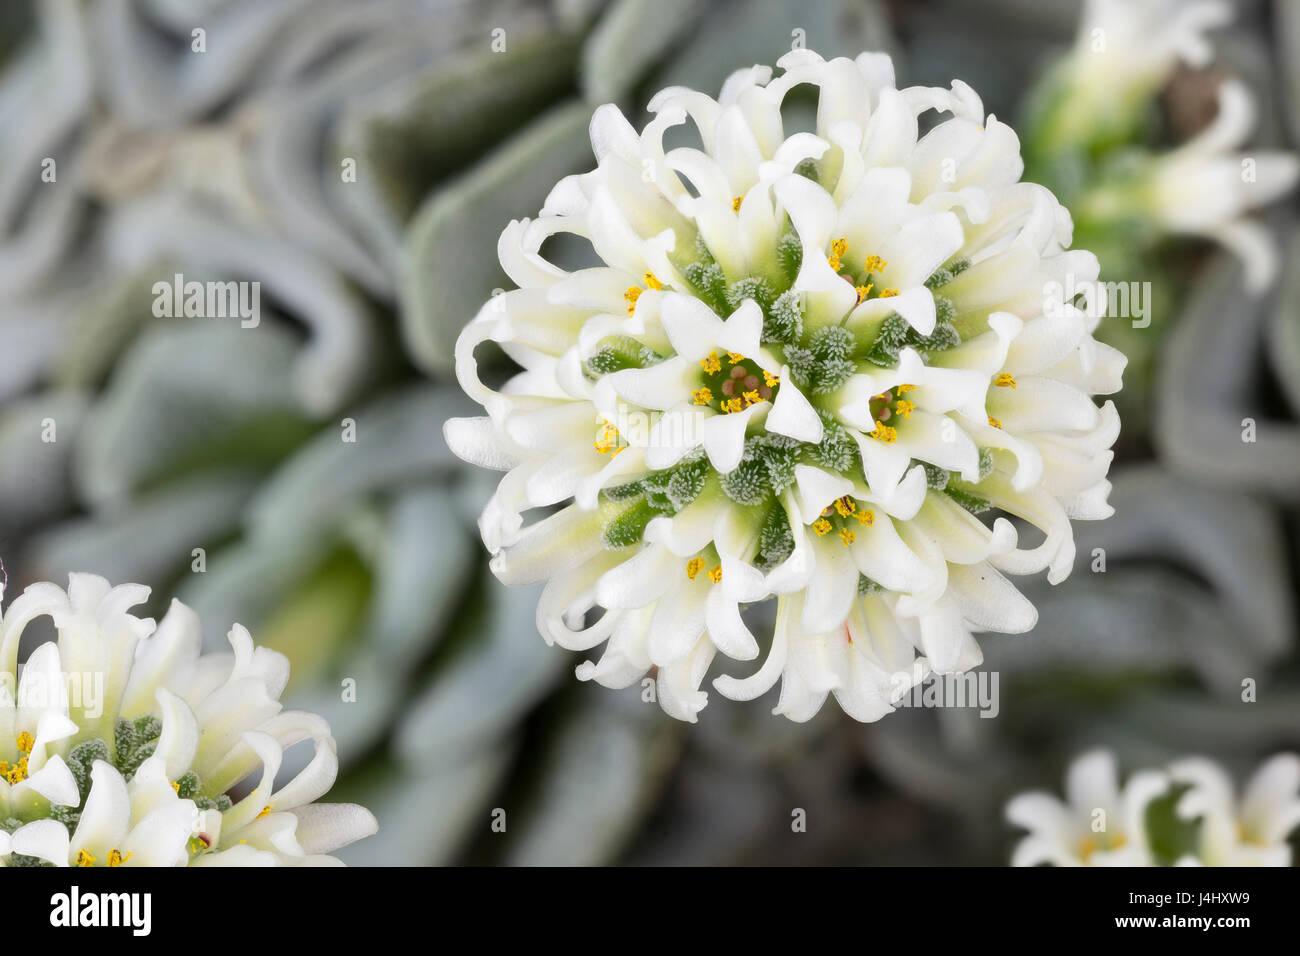 Crassula 'Celia' hybrid between Crassula mesembryanthemopsis and Crassula susannae. Focus-stacked image. - Stock Image